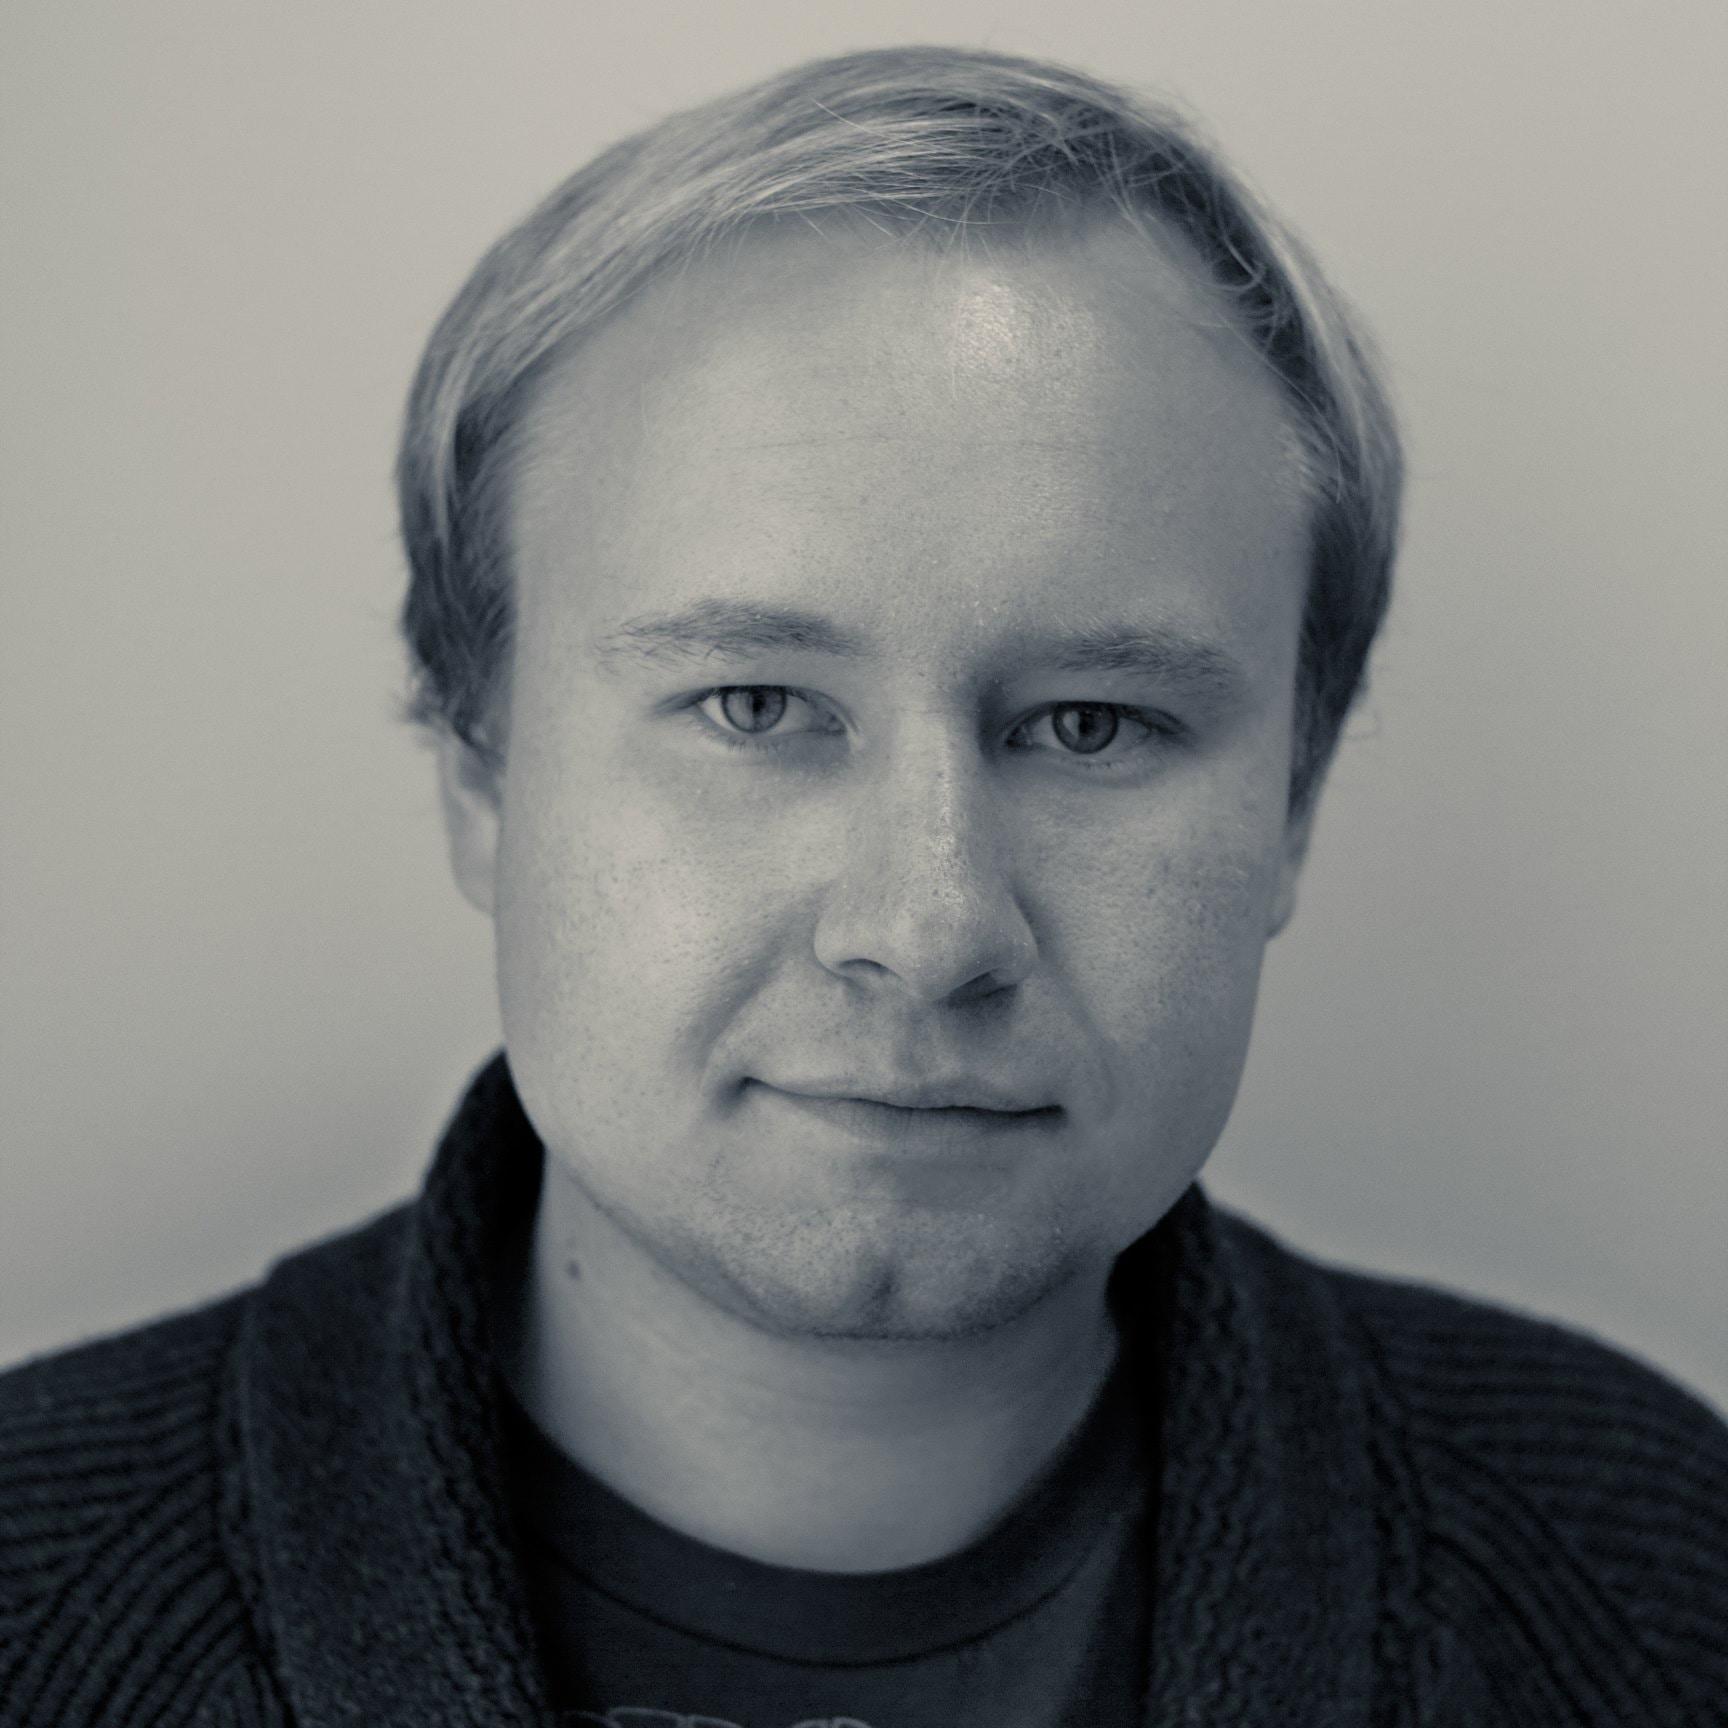 Avatar of user Yulian Alexeyev